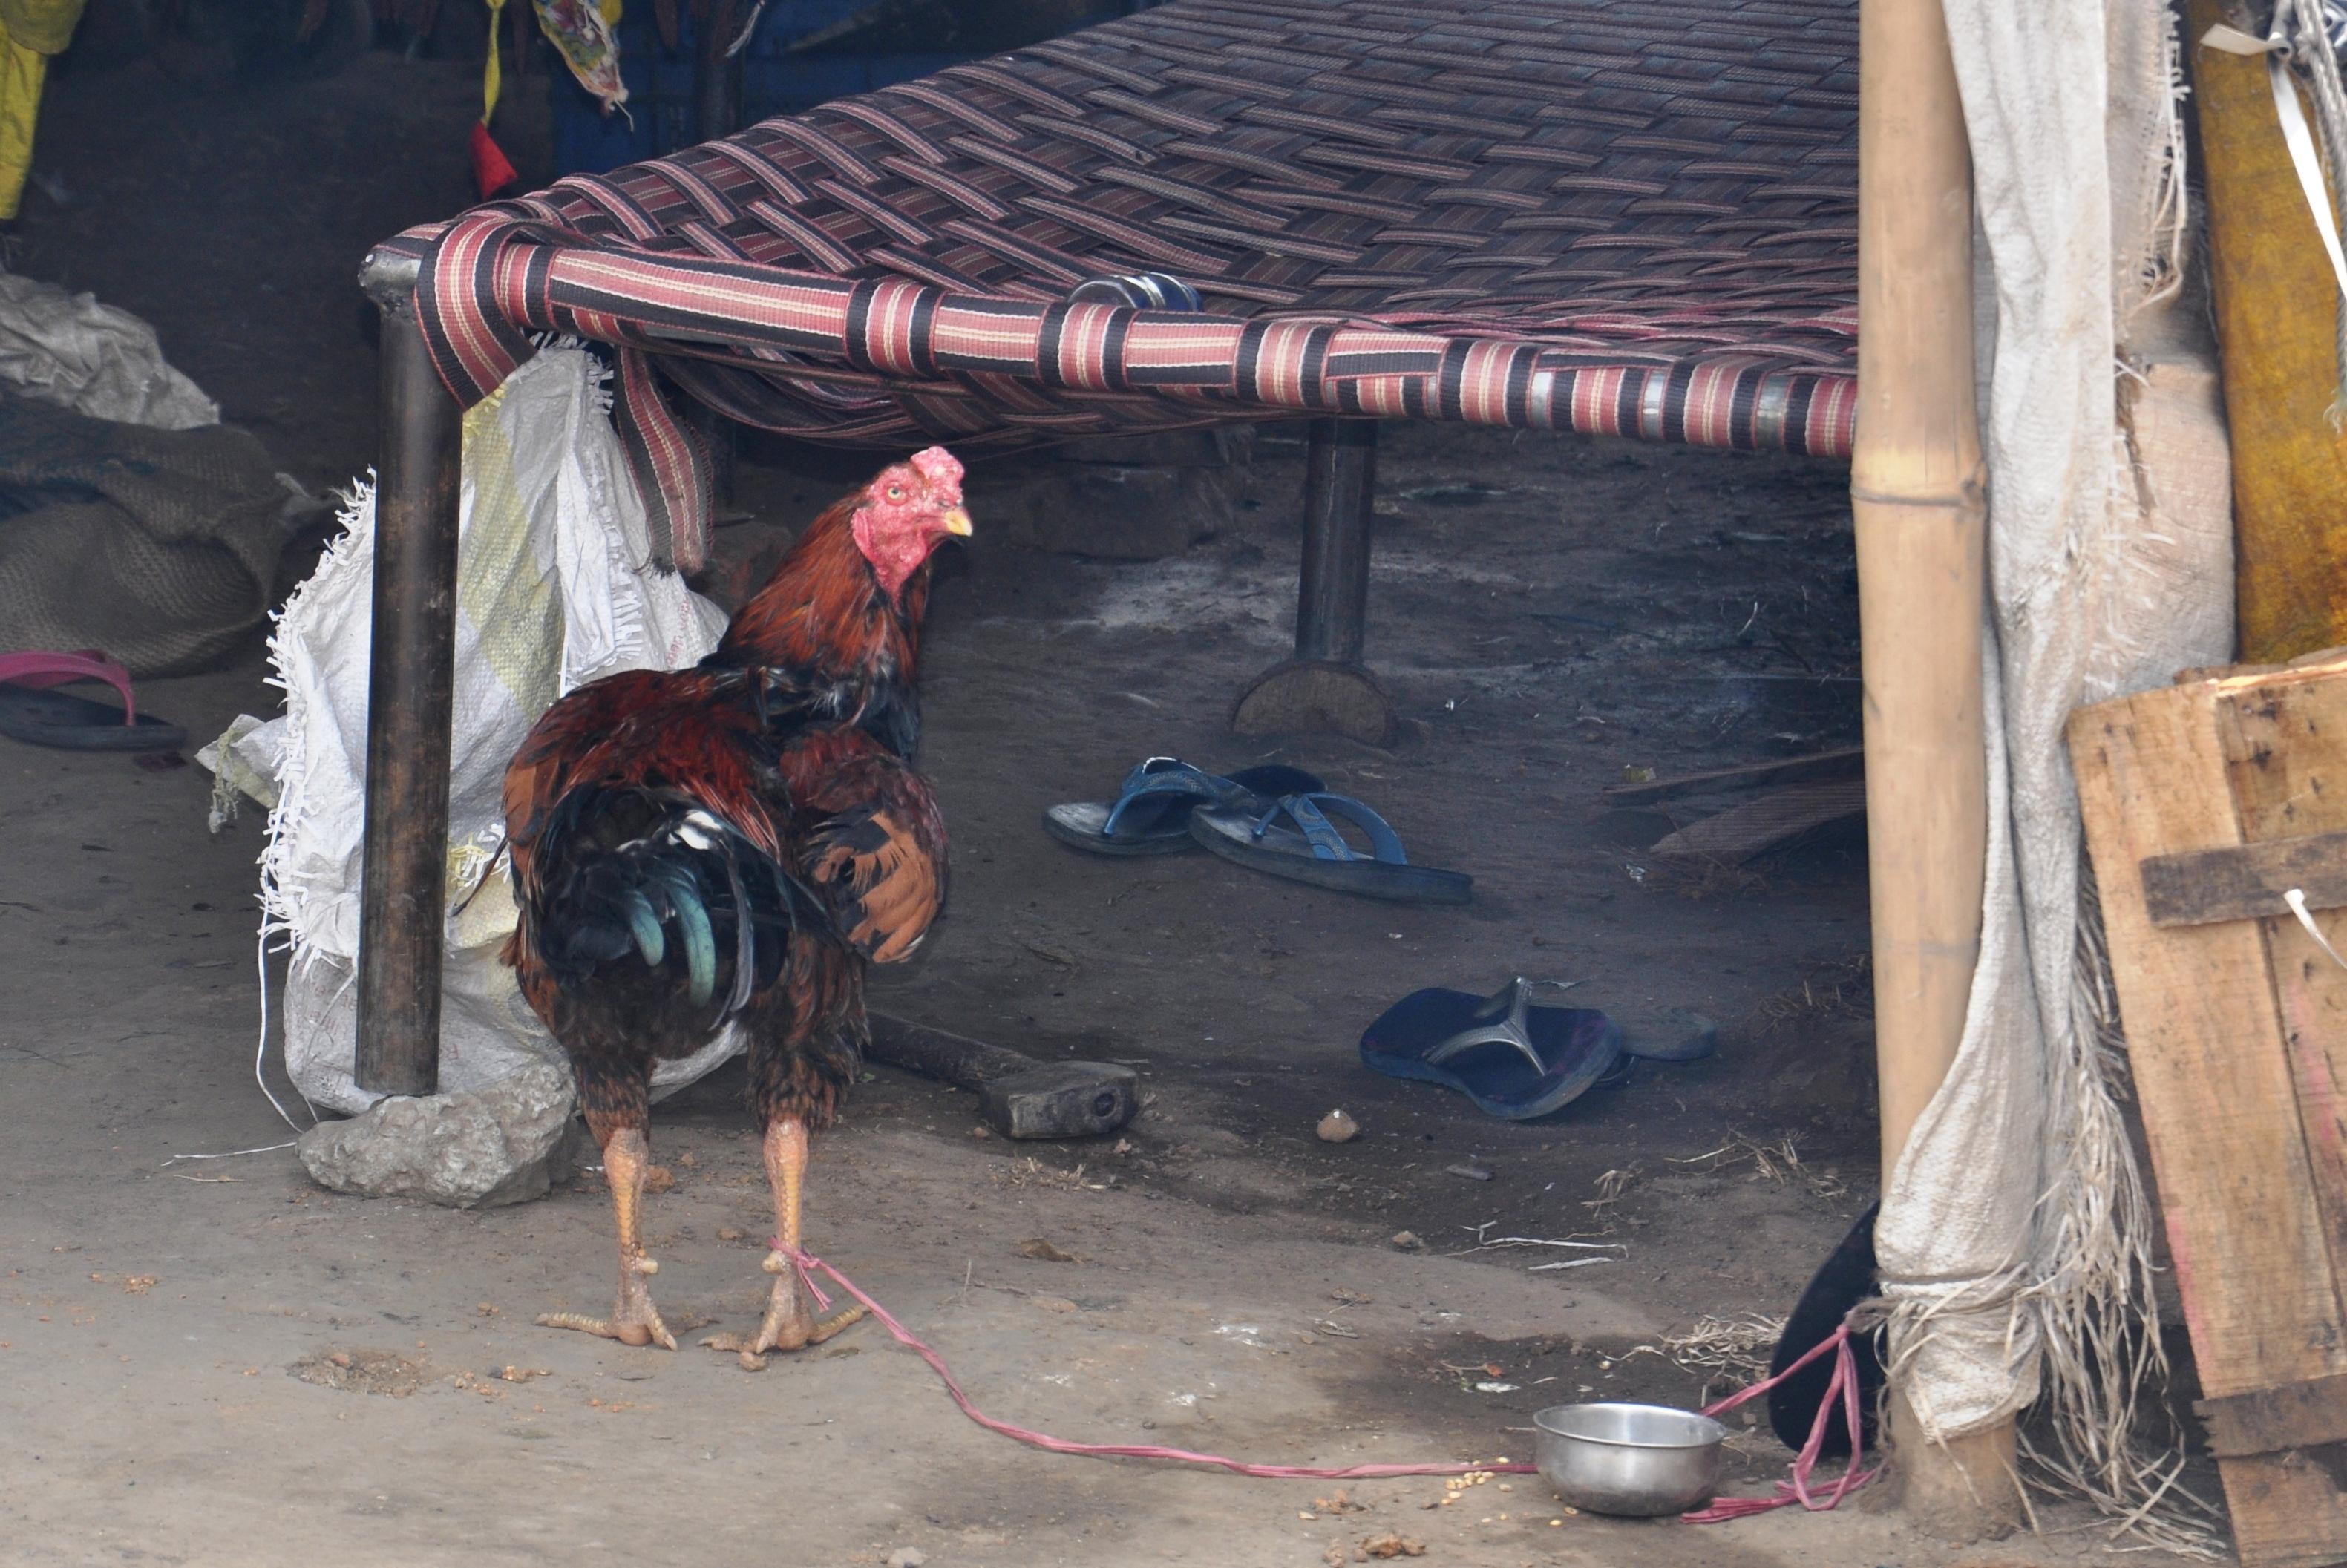 घर से दूर होने के बावजूद भी ये अपनी संस्कृति का पालन उसी श्रदा से करते है जैसे वो अपने घर पर किया करते थे | हर साल दिवाली पर मुर्गे की बली देते है ये उनकी परम्परा है |